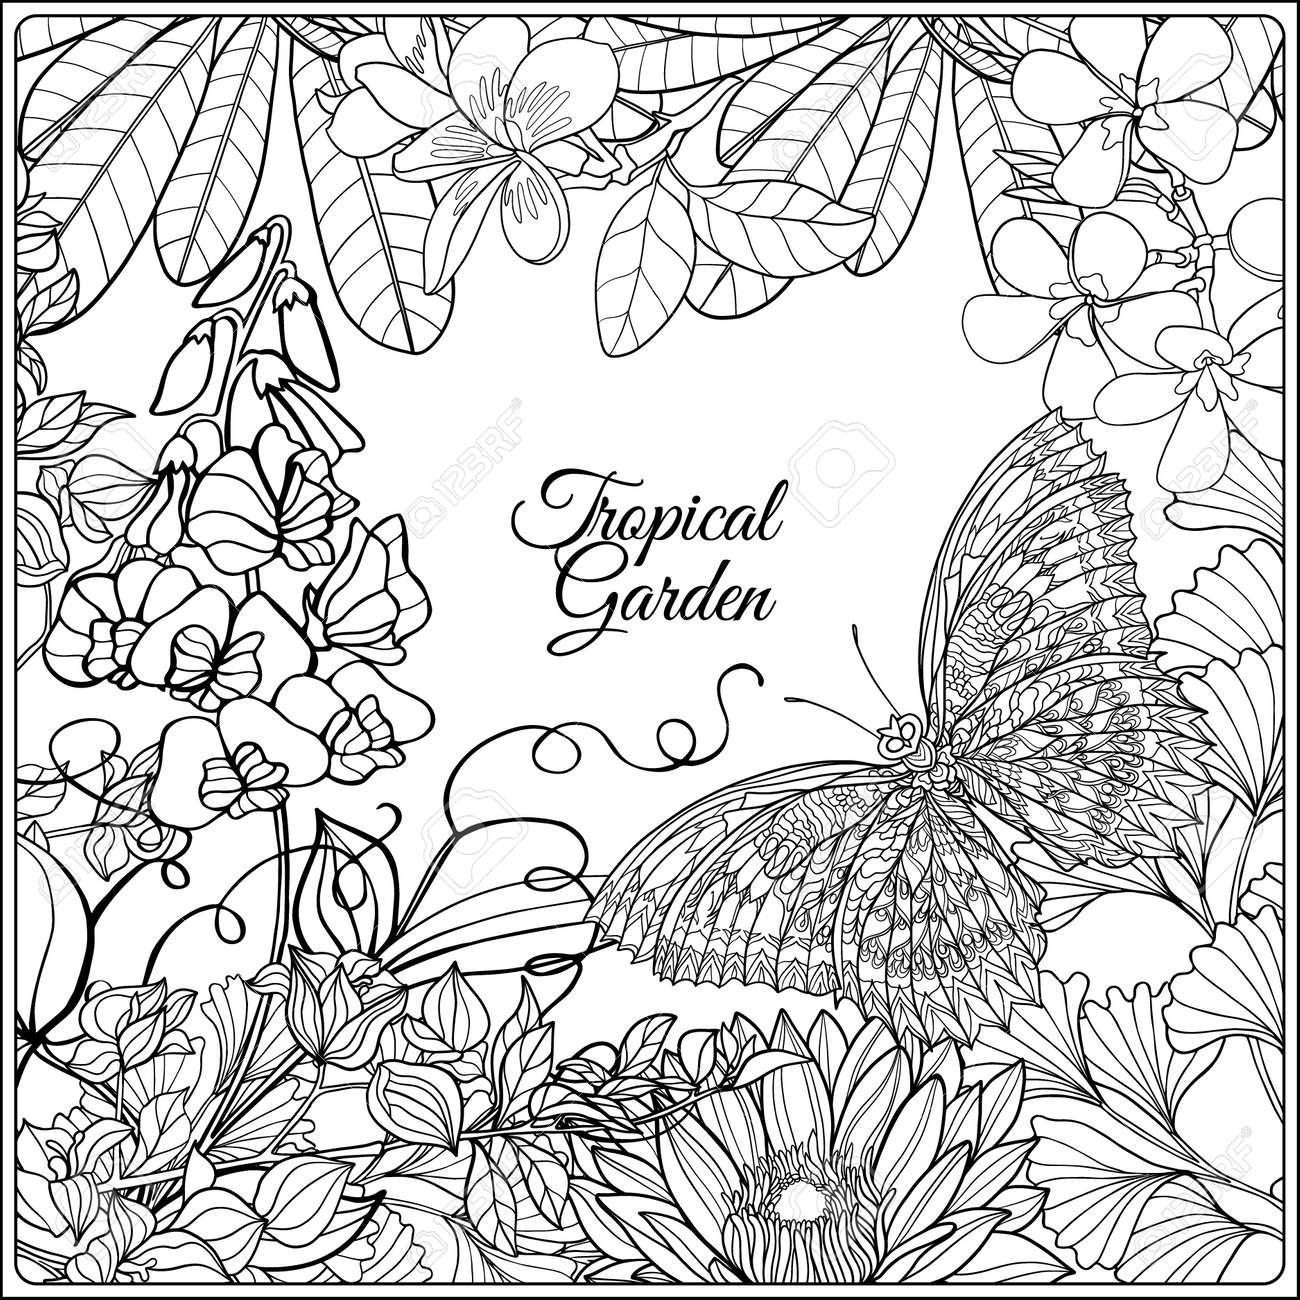 Pajaros Tropicales Y Flores Silvestres Y El Espacio Para El Texto